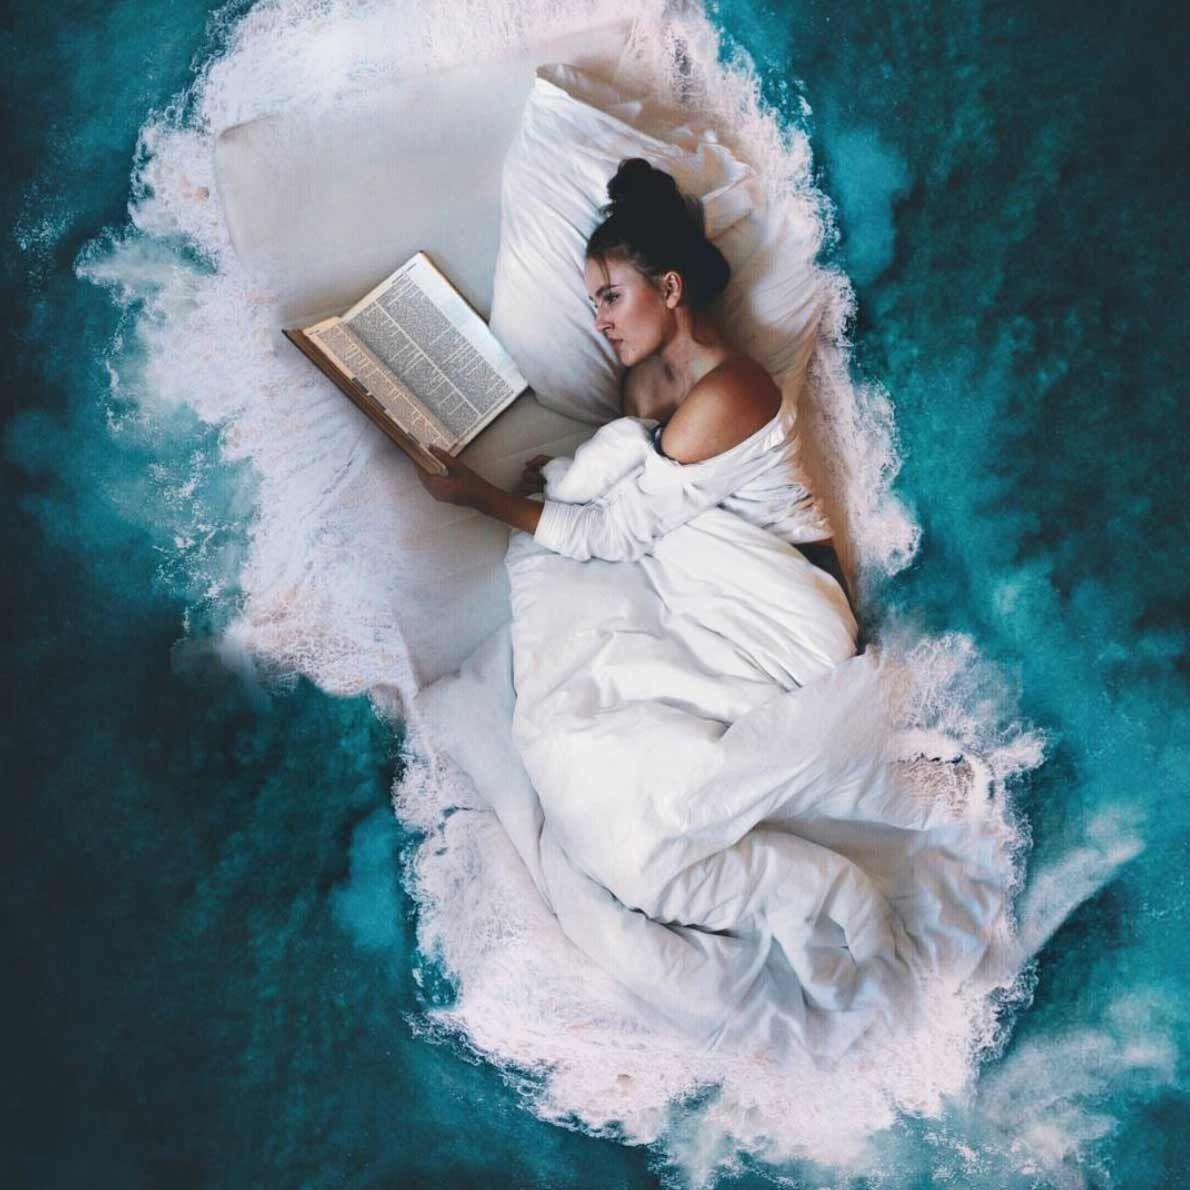 fotomanipulation annegien schilling inspiration foto. Black Bedroom Furniture Sets. Home Design Ideas